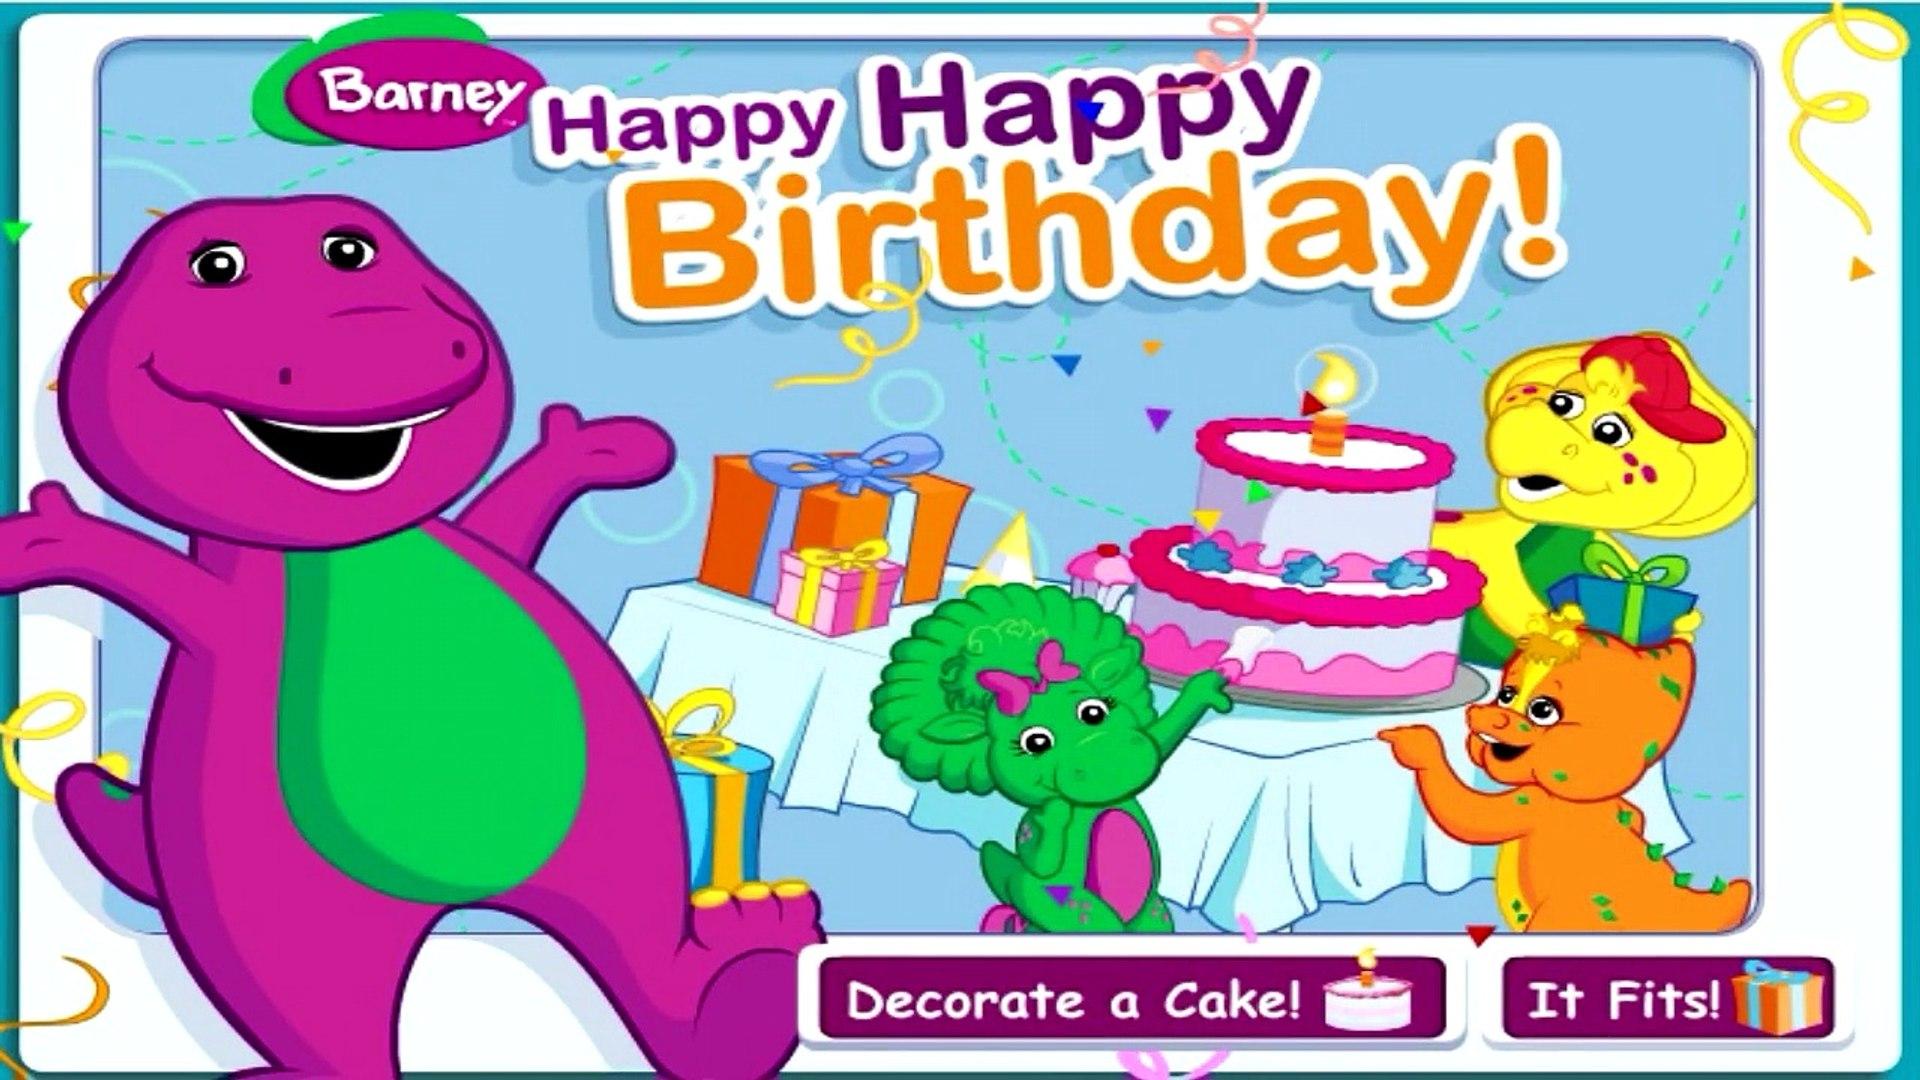 Happy Birthday Barney Printable Coloring Page | Barney birthday ... | 1080x1920